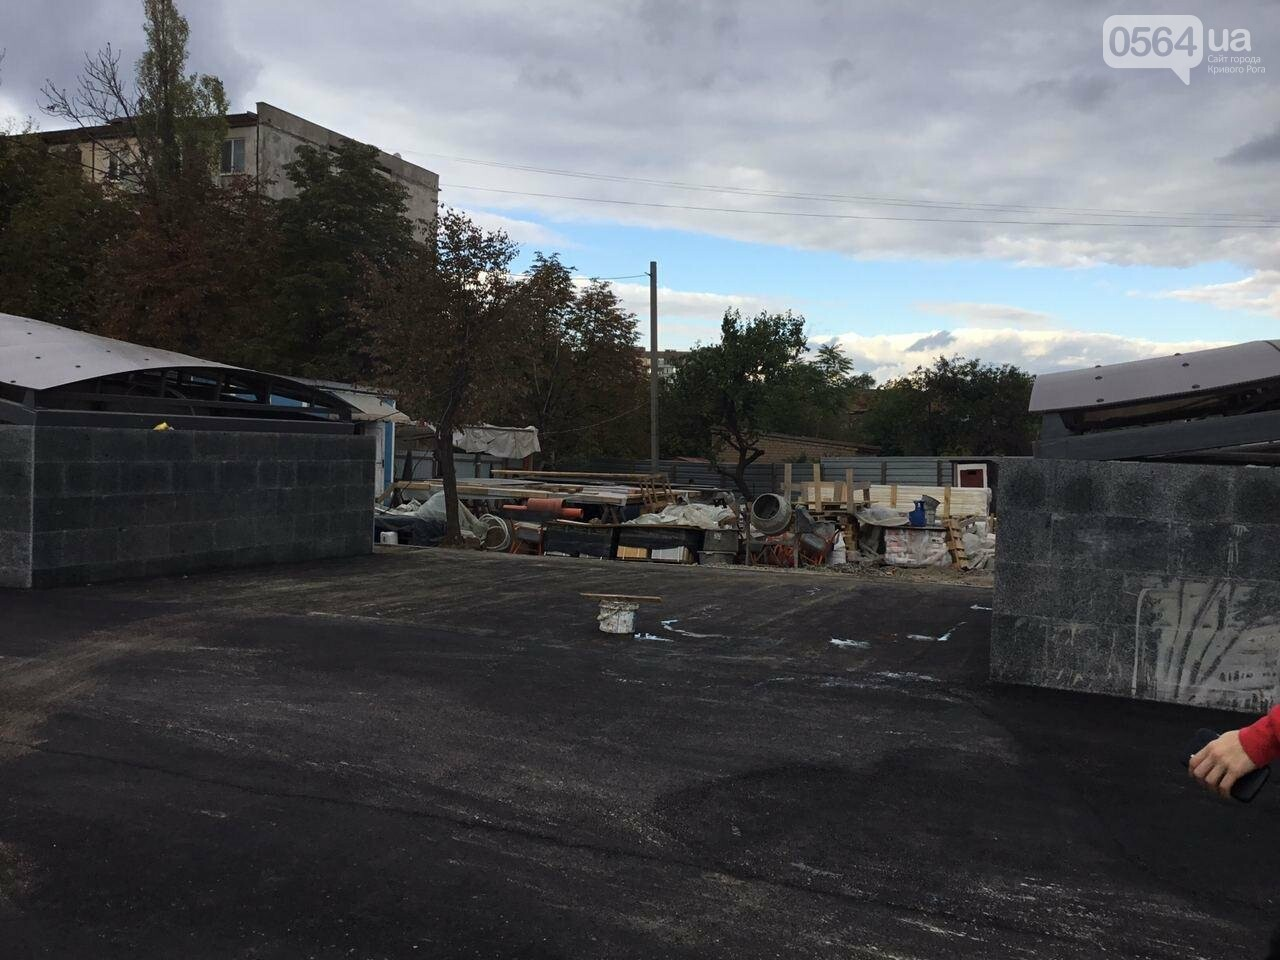 Как сегодня выглядит пешеходный переход на улице Лермонтова в Кривом Роге, - ФОТО, ВИДЕО, фото-8